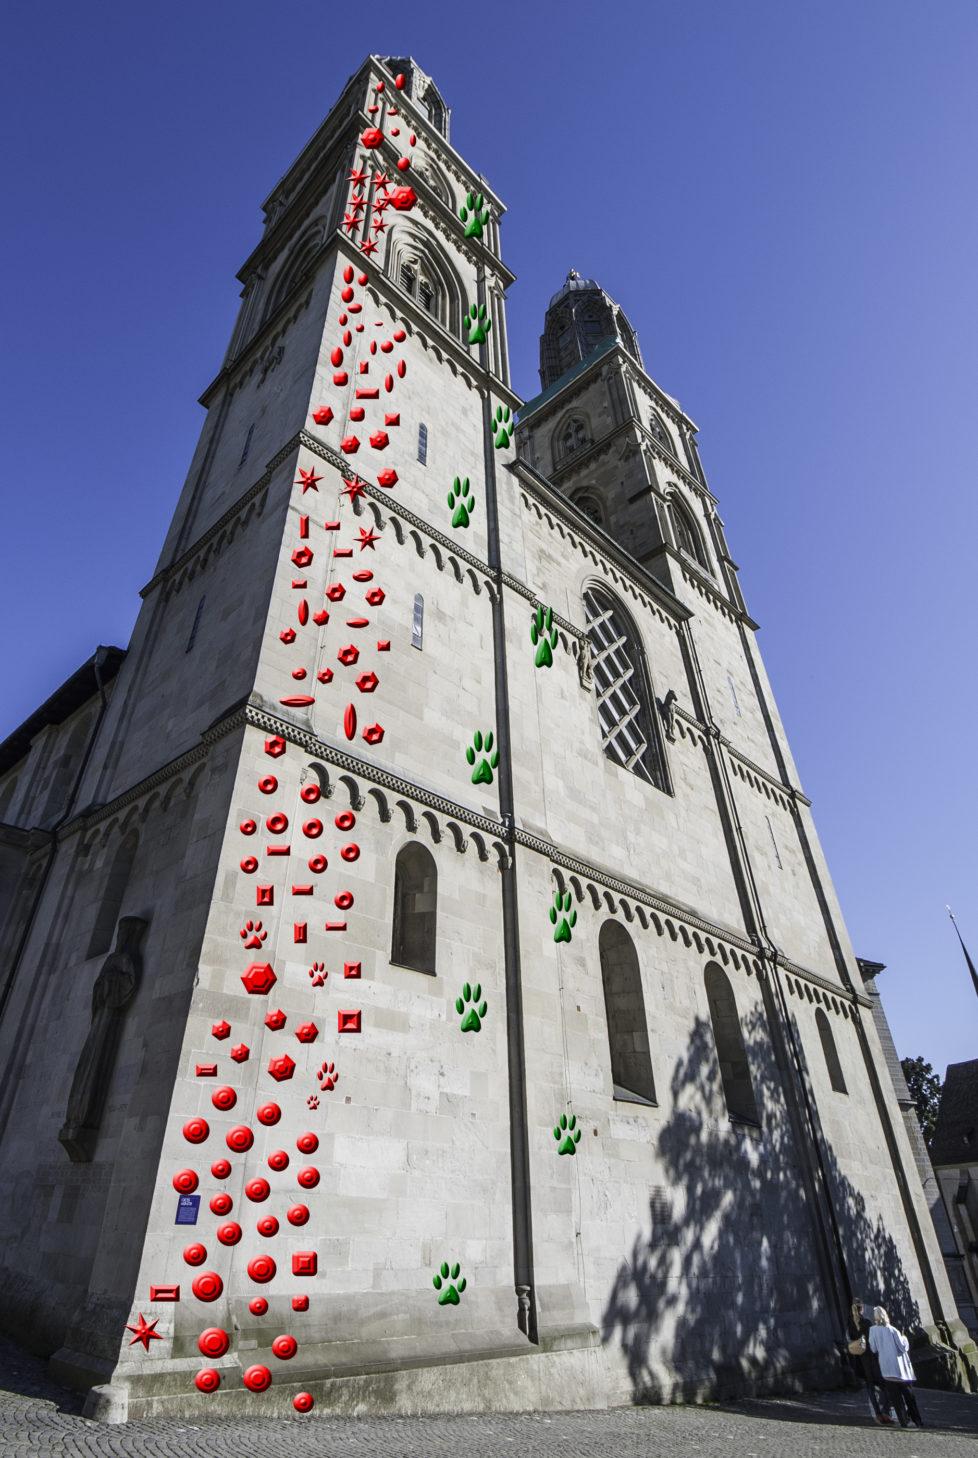 Grossmünster: Am linken Turm die rote Familienroute «Papi, ich will auch mal». Daneben in grün «High heeled Spiderman» (Schwierigkeitsgrad 7b). Für den Klettersteig am rechten Turm «s'Bächli uf und s'Bächli ab» laufen Sponsor-Verhandlungen mit einem Outdoor-Detaillisten, der aber noch nicht genannt werden möchte.